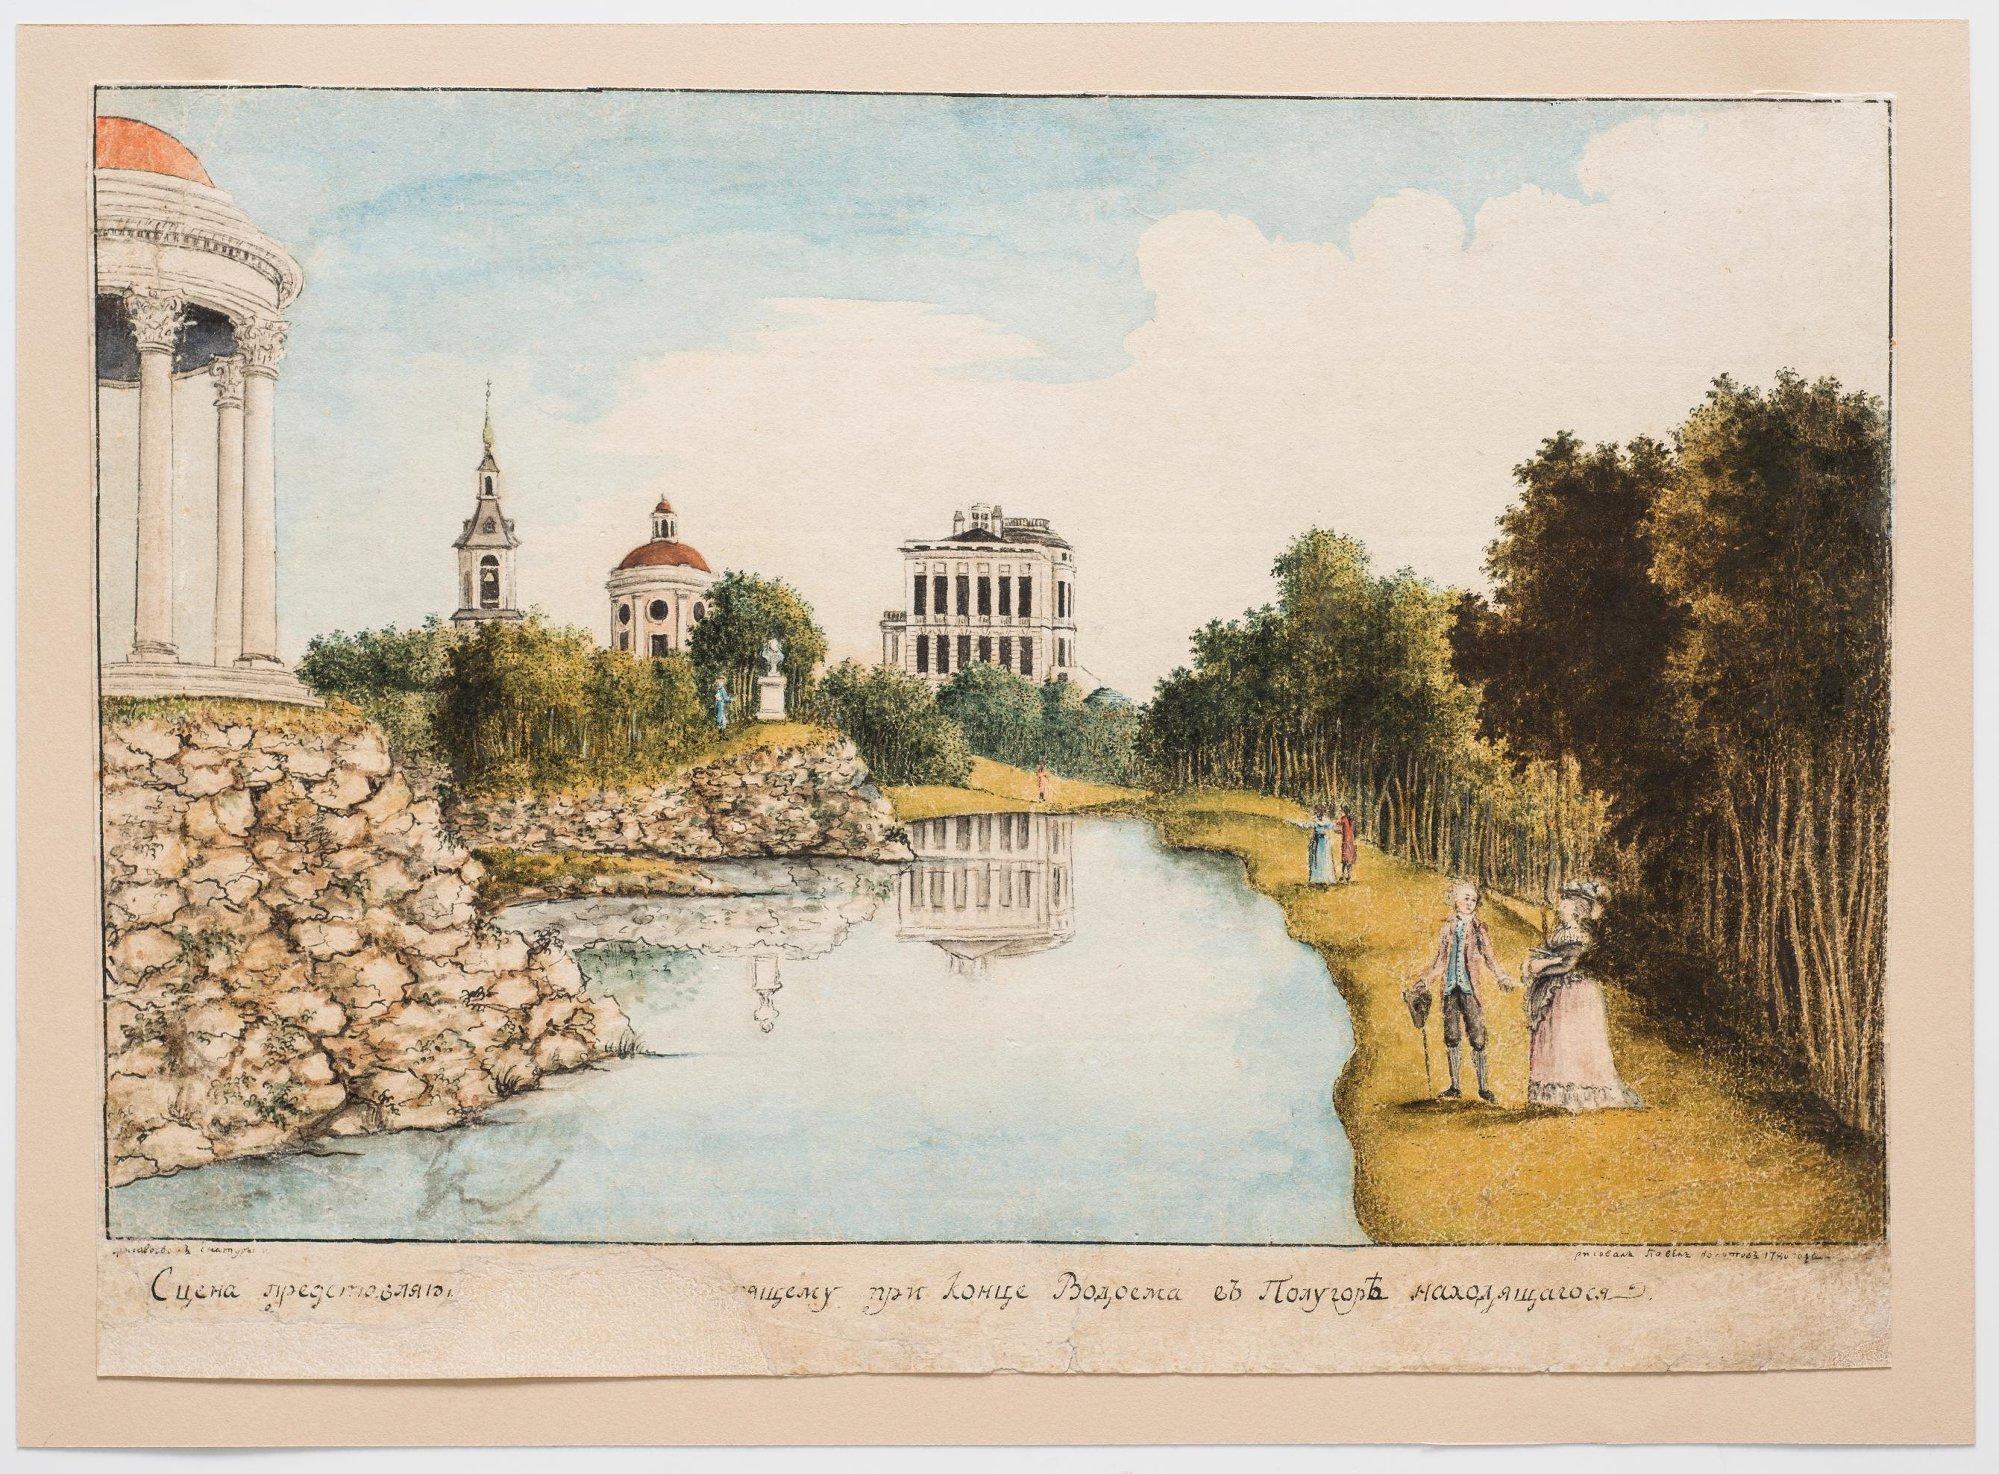 Вид на ротонду, колокольню, круглый павильон и дворец из-за пруда в Богородицком парке (Сцена представляющаяся зрению стоящему при конце водоема в полугоре находящегося)